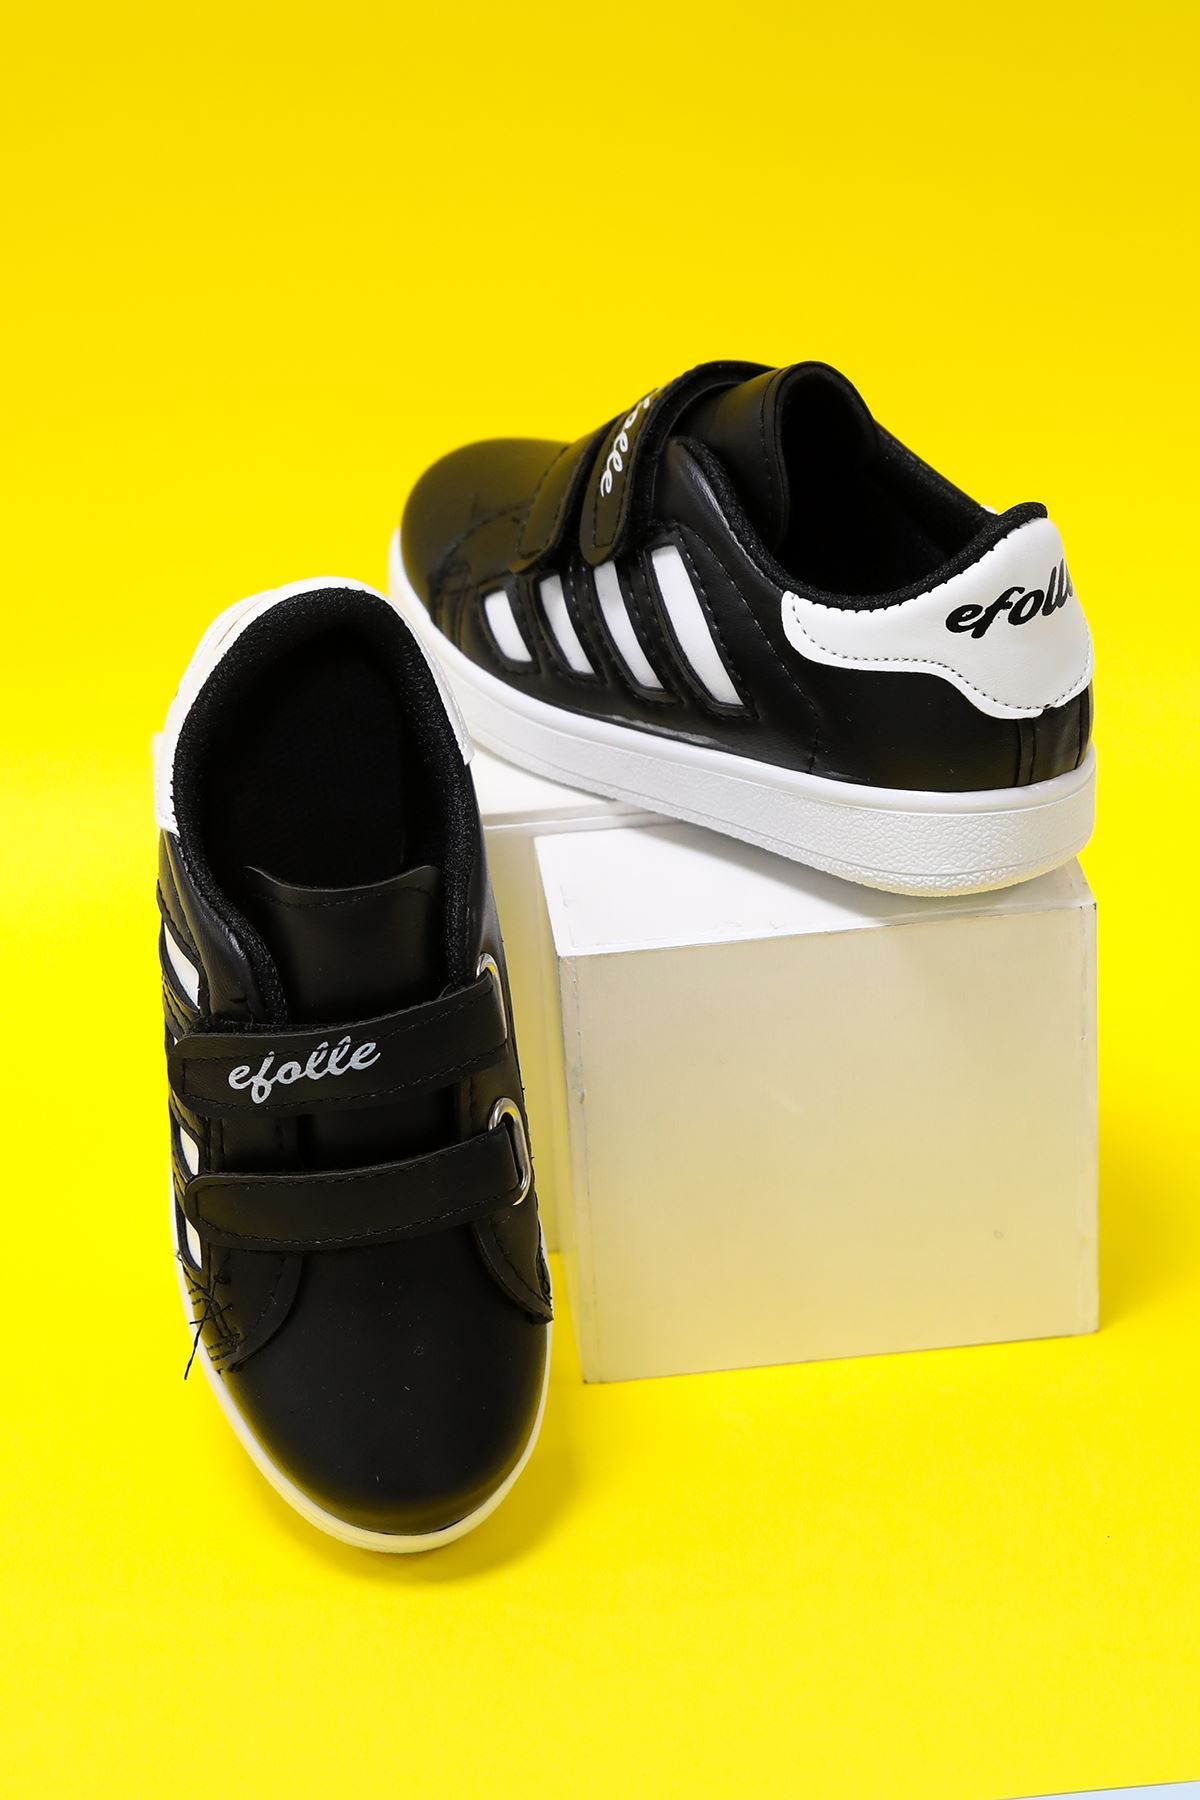 Siyaha Beyaz Taban Yanı Beyaz Şeritli Çocuk Ayakkabı